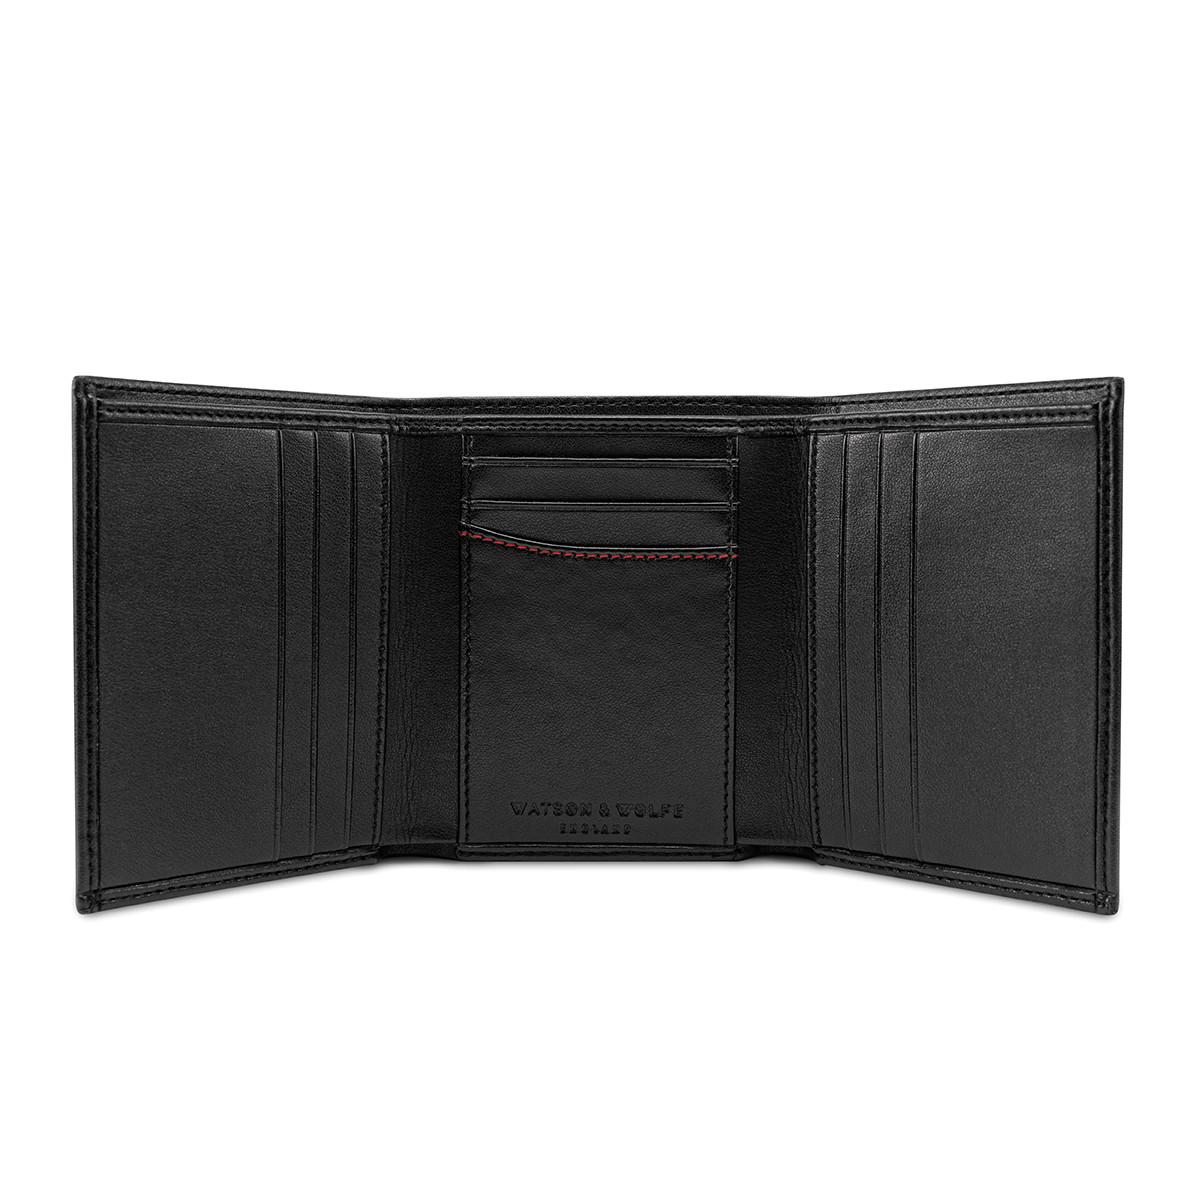 Watson & Wolfe Trifold Wallet in Black